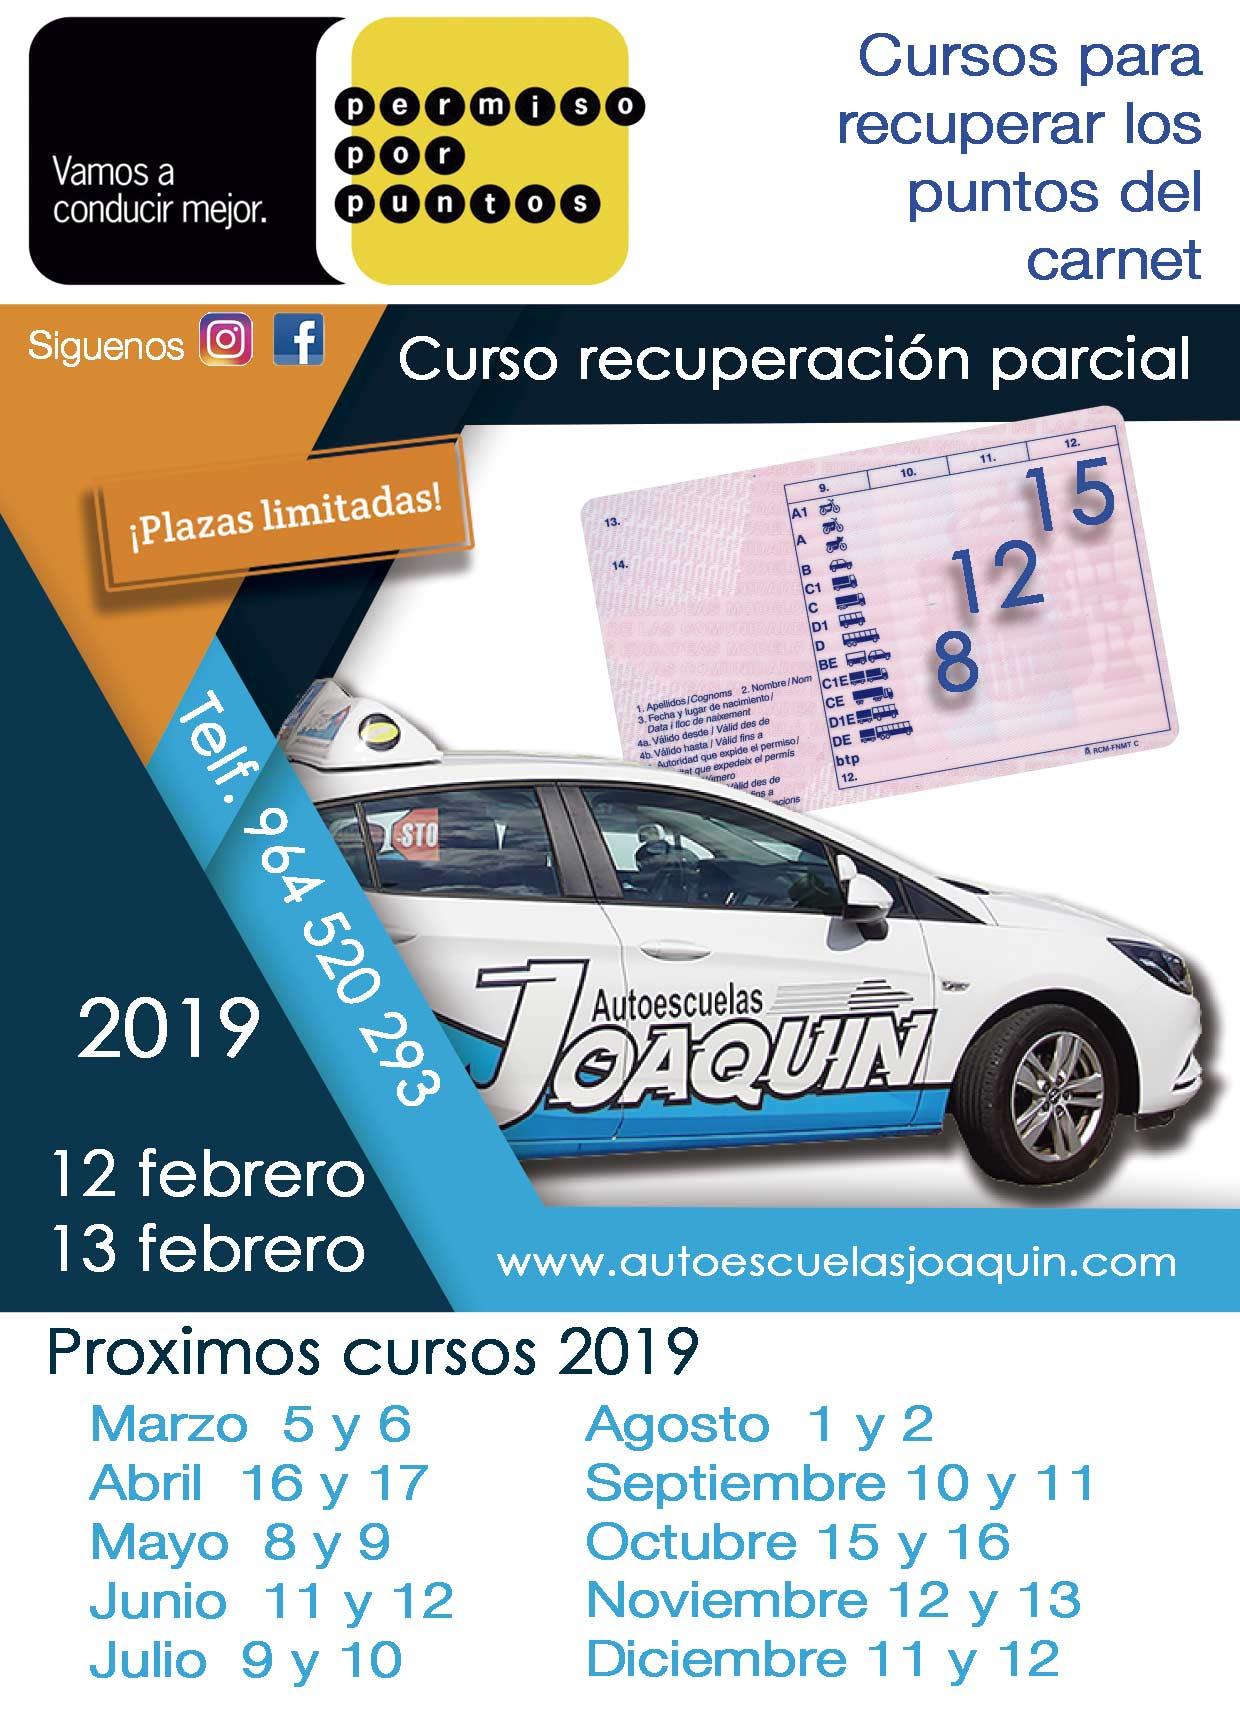 Recuperar-puntos-carnet-parcial febrero 2019